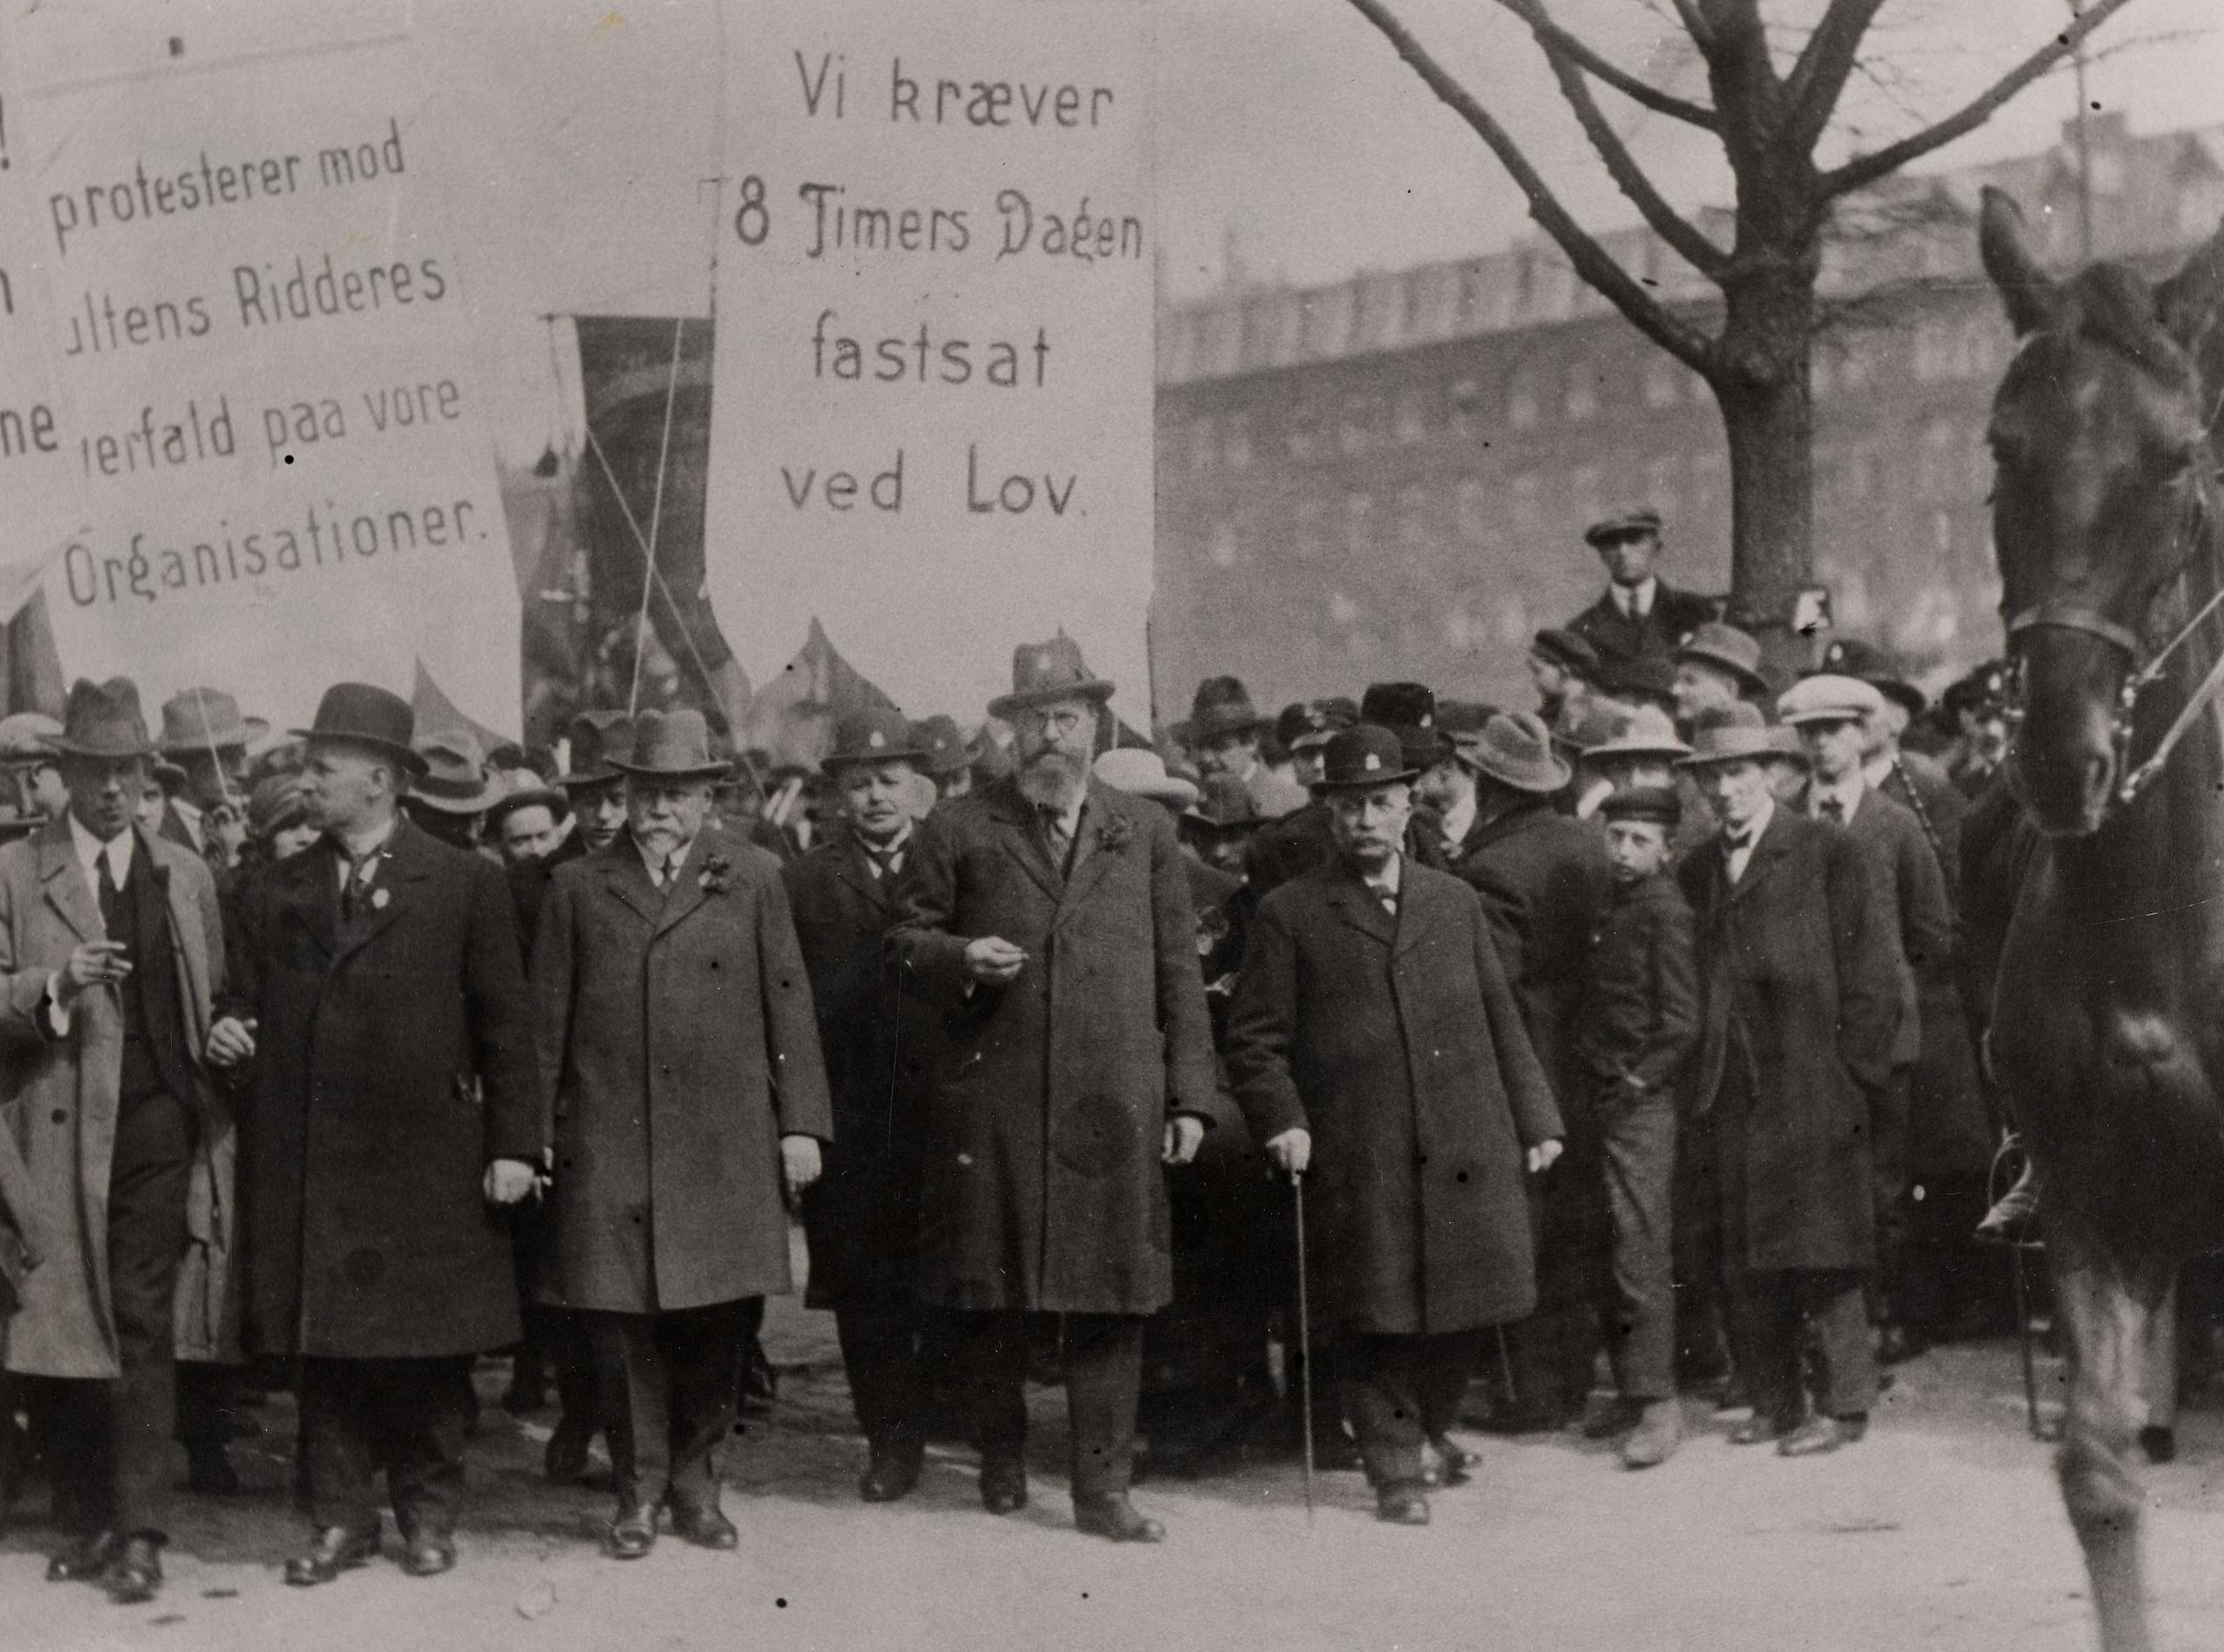 1925. 1. maj-demonstration på Grønttorvet med Th. Stauning i spidsen.